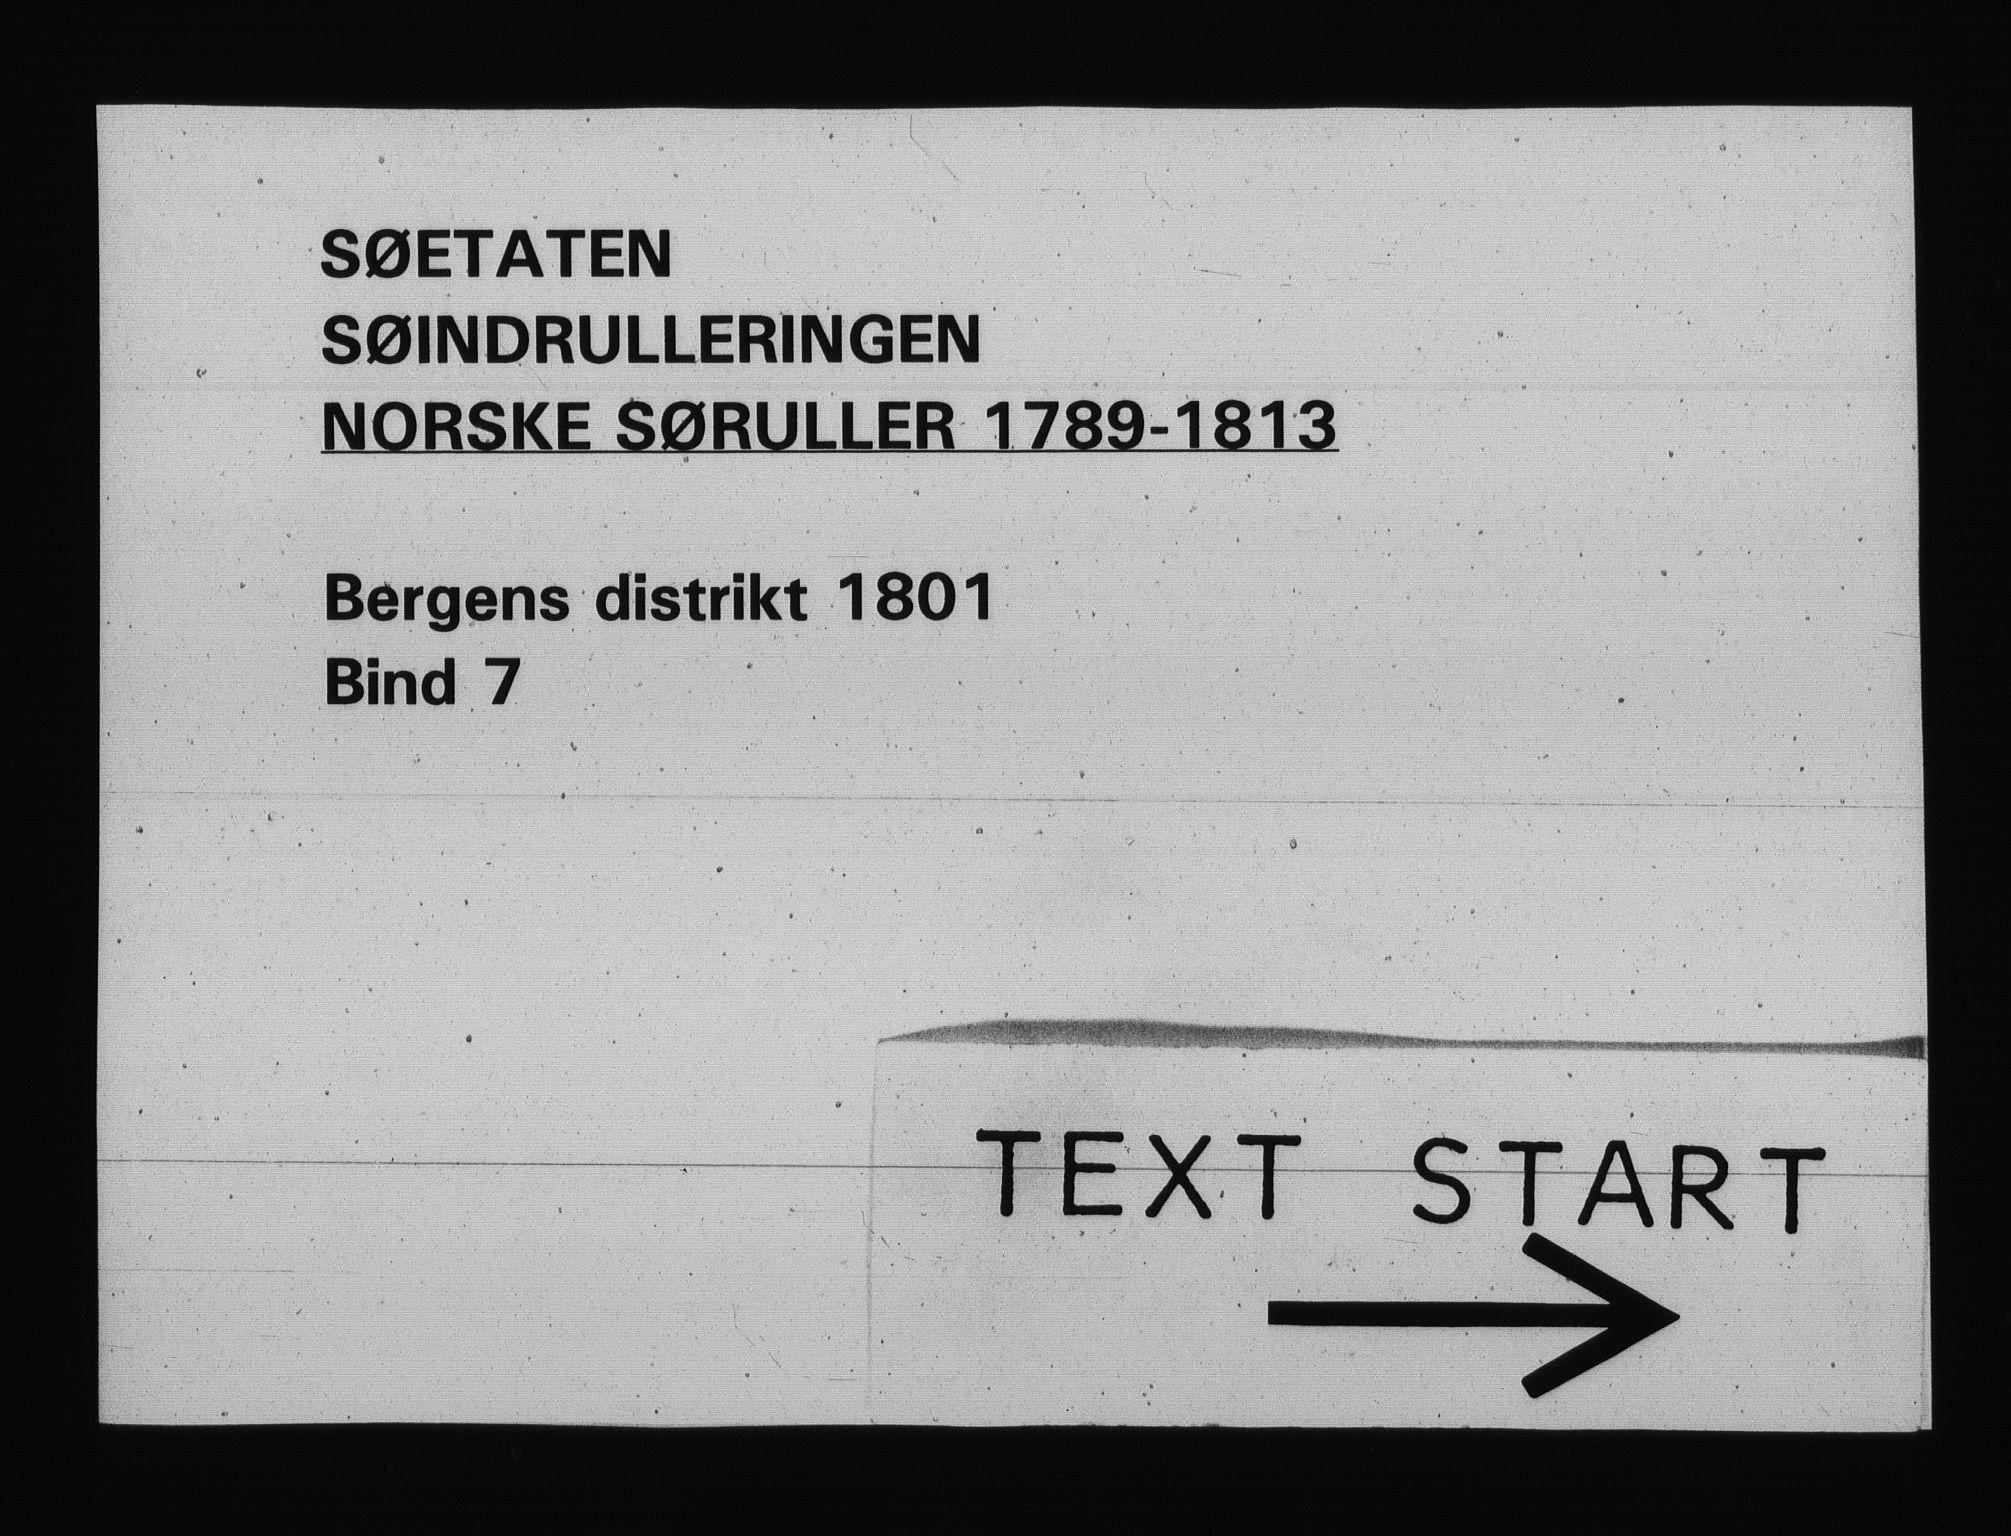 RA, Sjøetaten, F/L0239: Bergen distrikt, bind 7, 1801